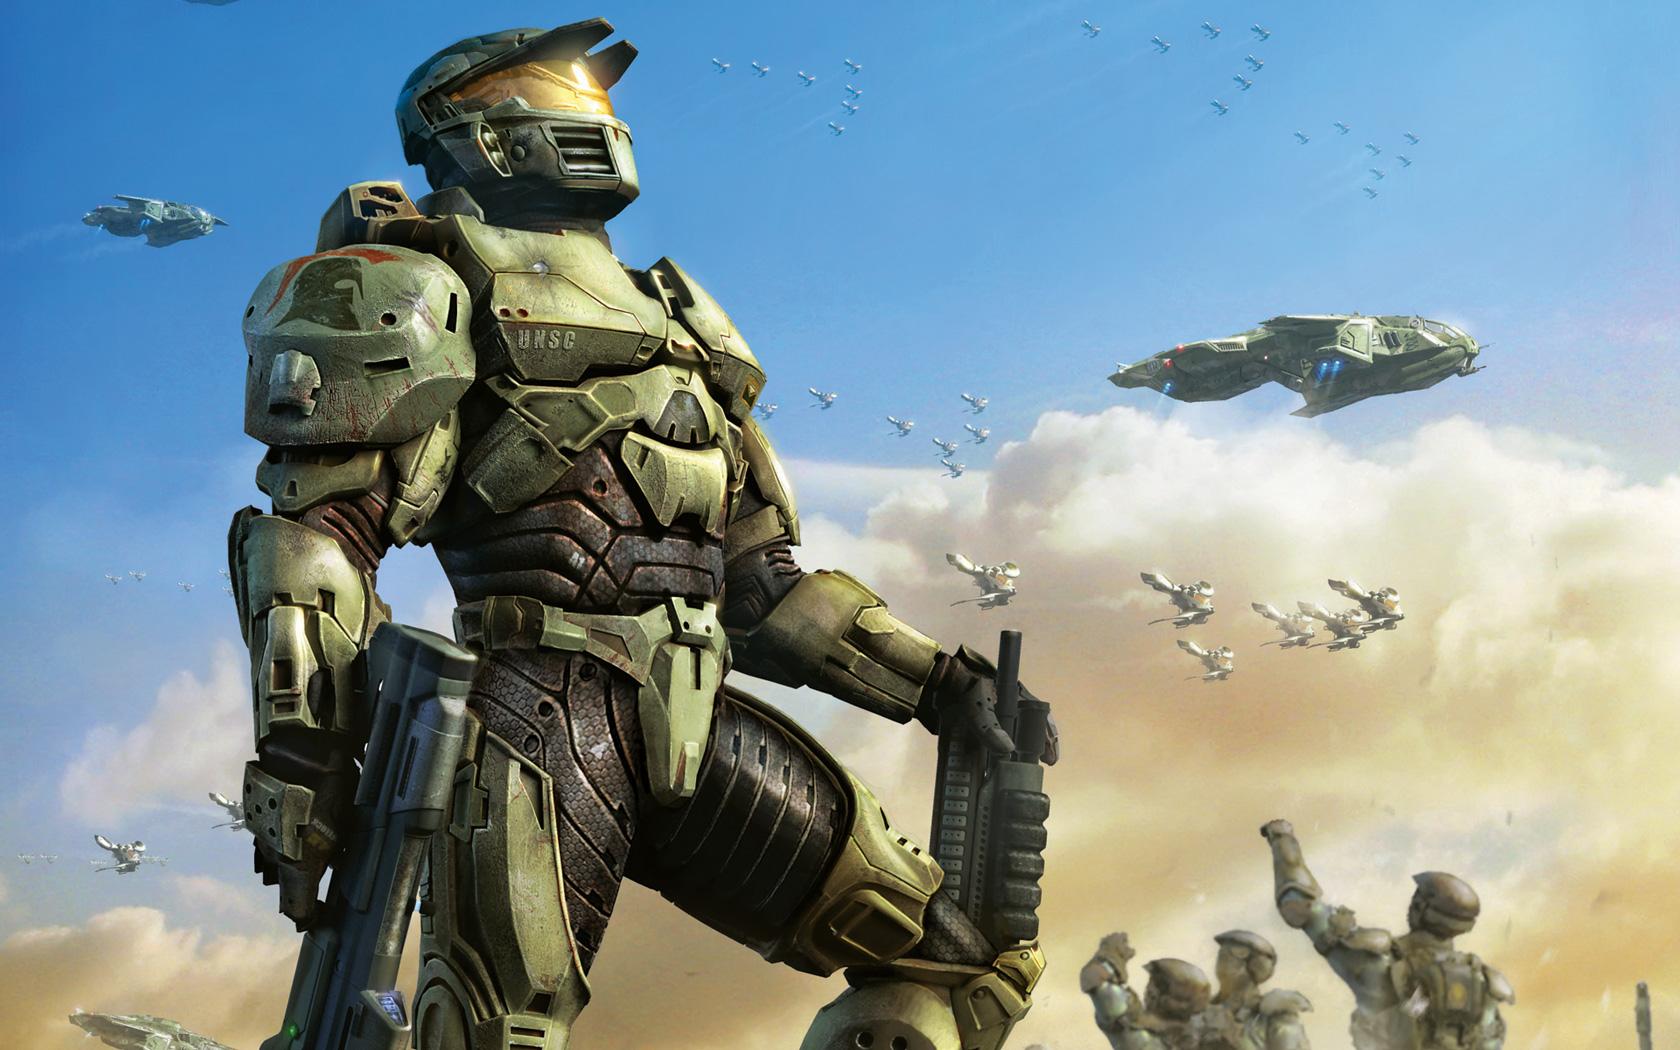 Halo Wars Wallpaper in 1680x1050